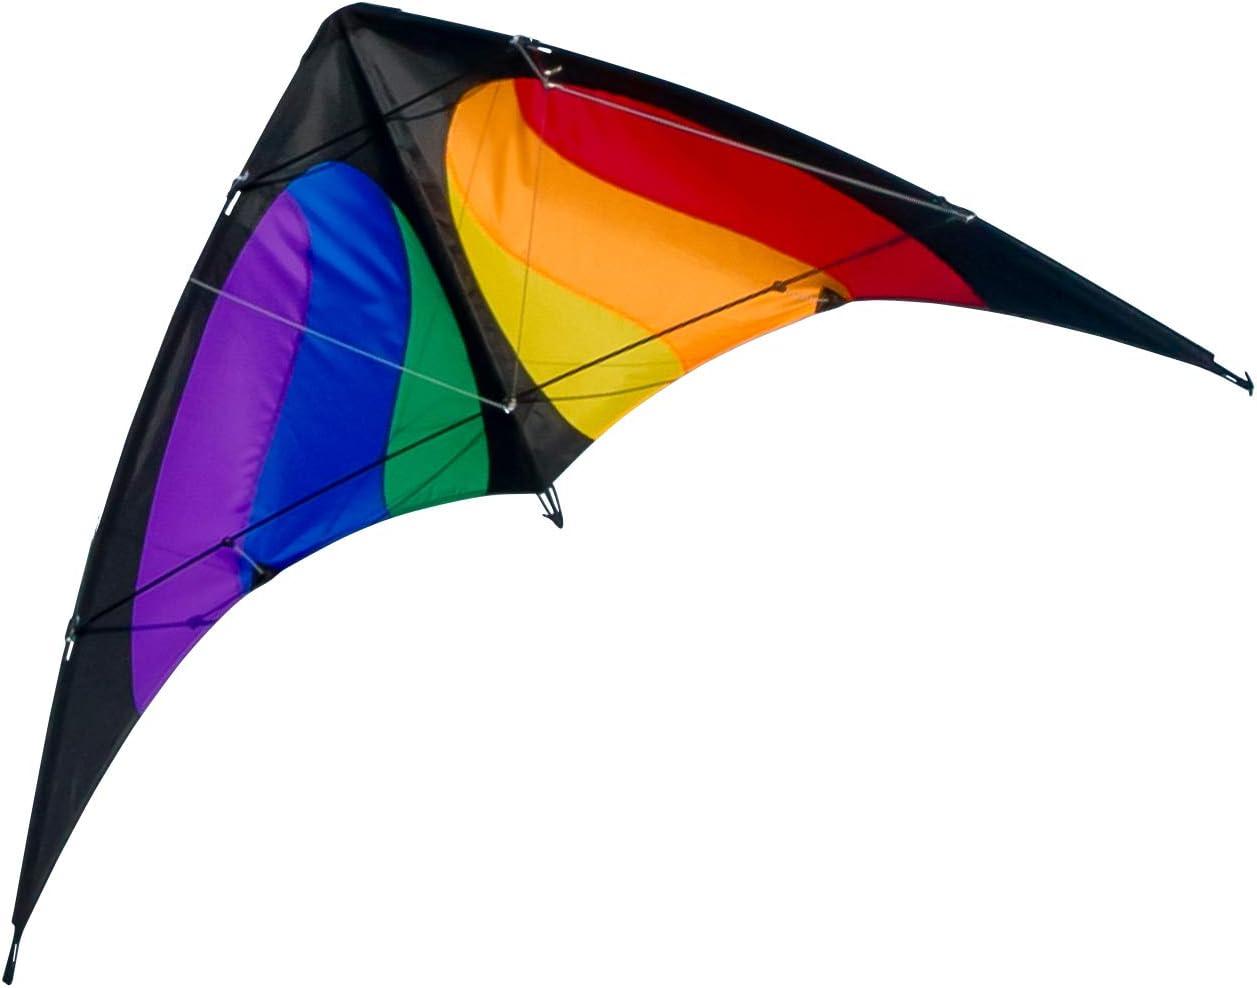 Cometa acrobática - NUNCHAKU Rainbow MUSTHAVE - Cometa para niños de a Partir de 8 años - 140 x 70 cm - Incl. Cuerdas de dirección en bobinas - Cometa para Principiantes